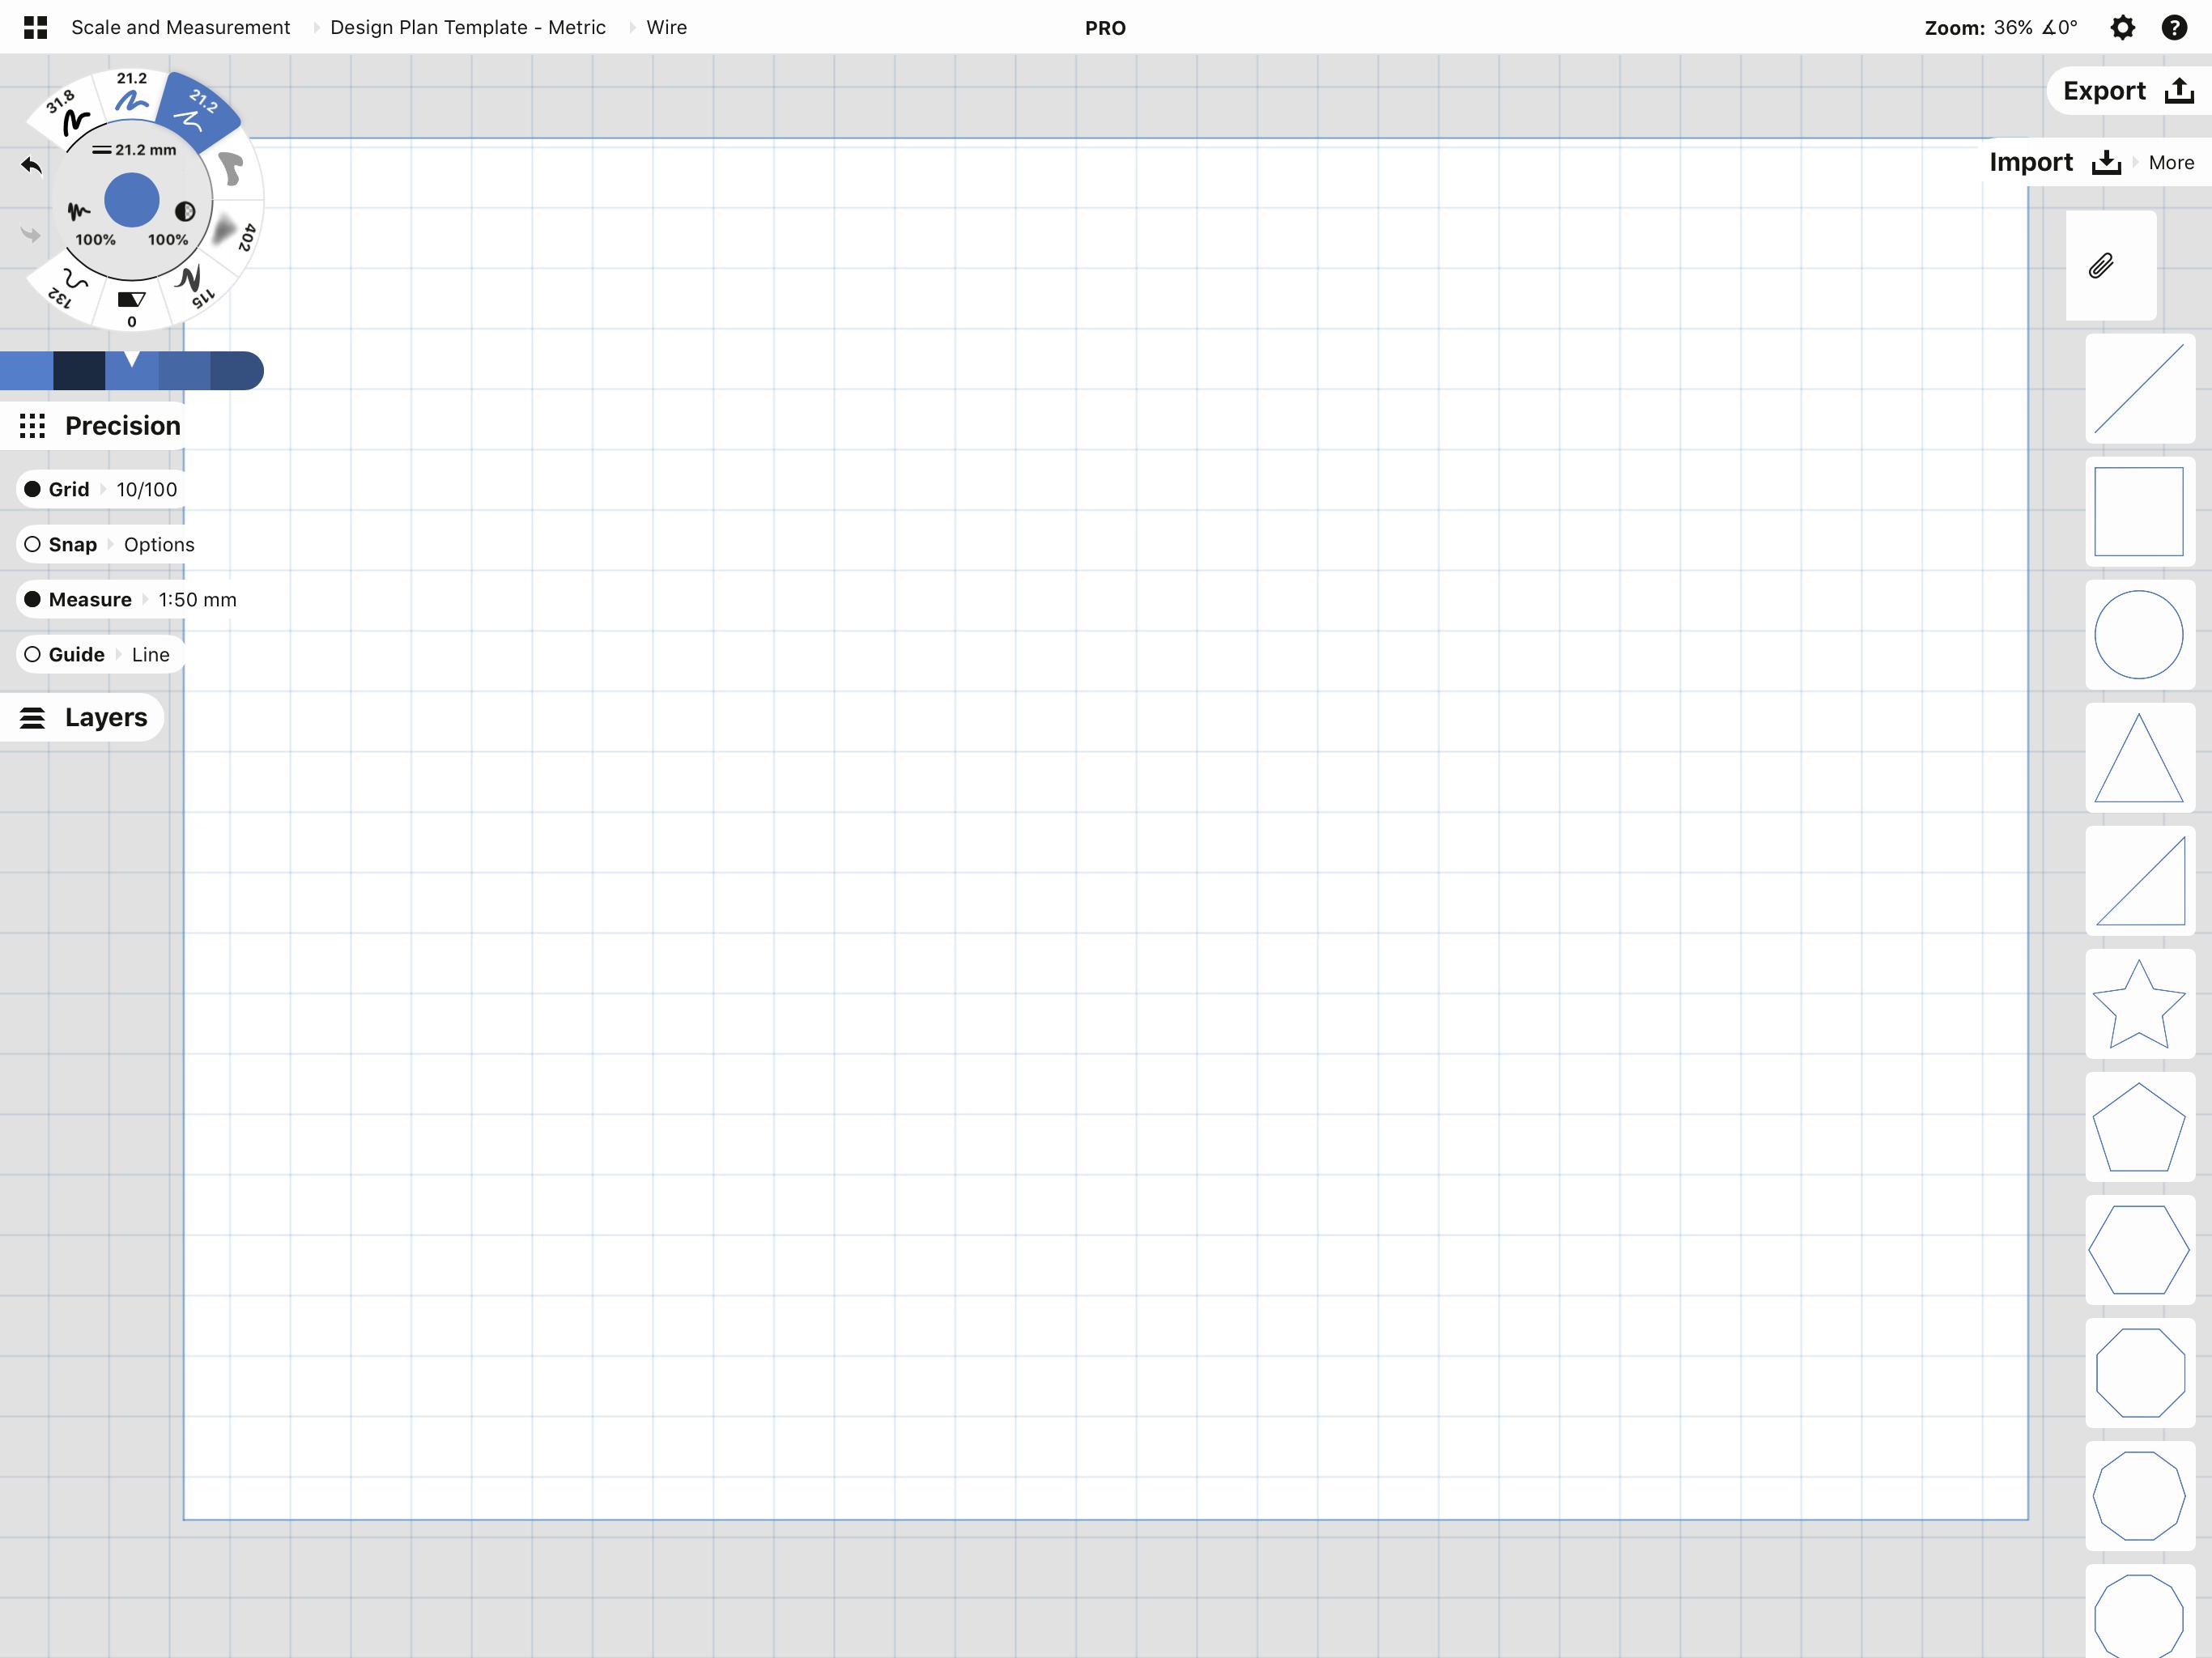 templates_designplan_metric.PNG